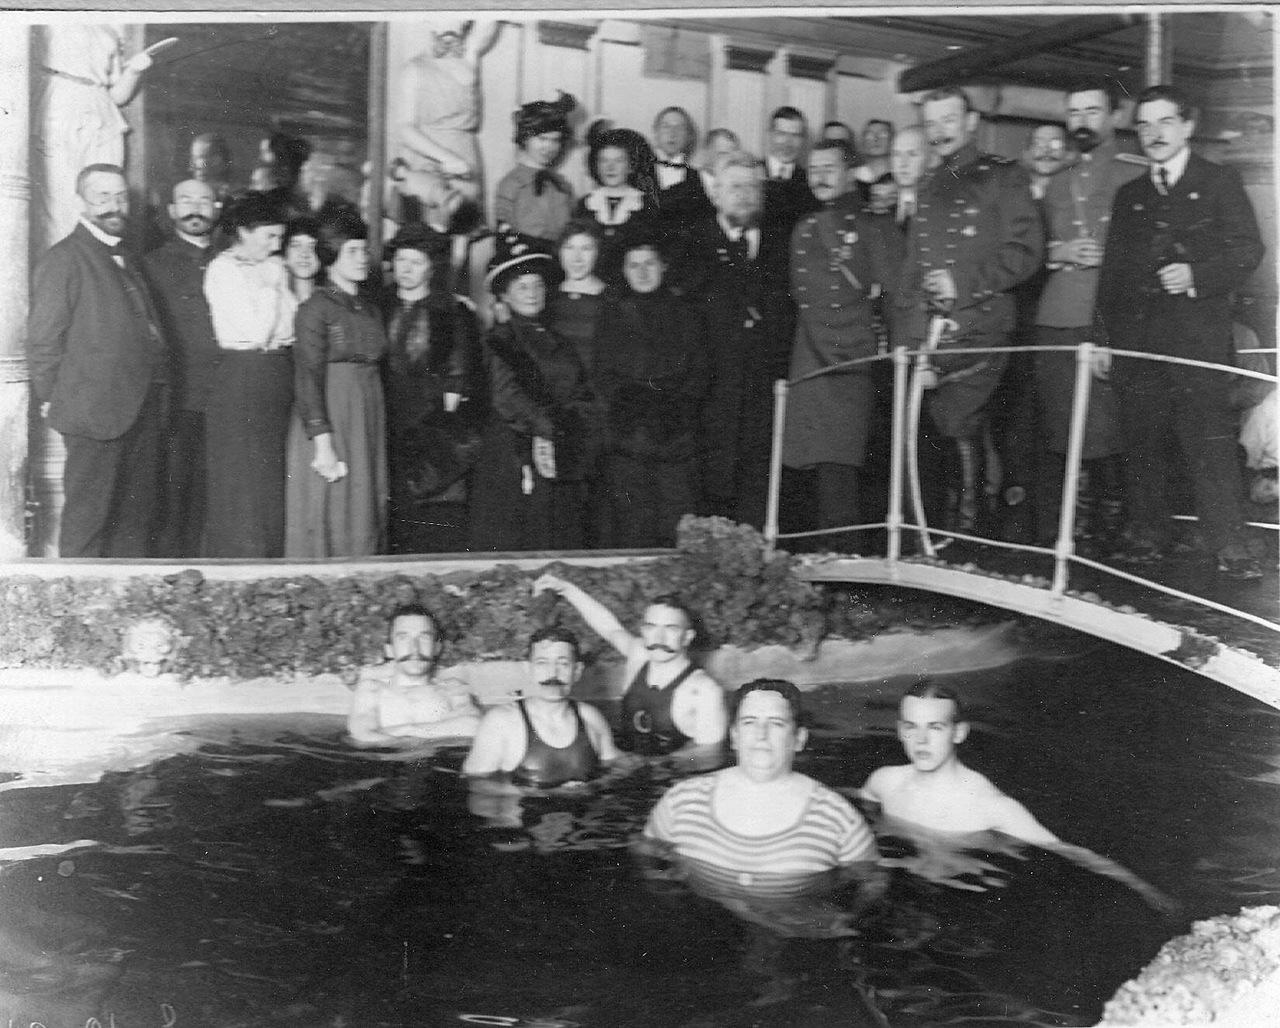 0_ac666_bb8b5dc1_XXXLГруппа пловцов после окончания занятий в плавательном бассейне.